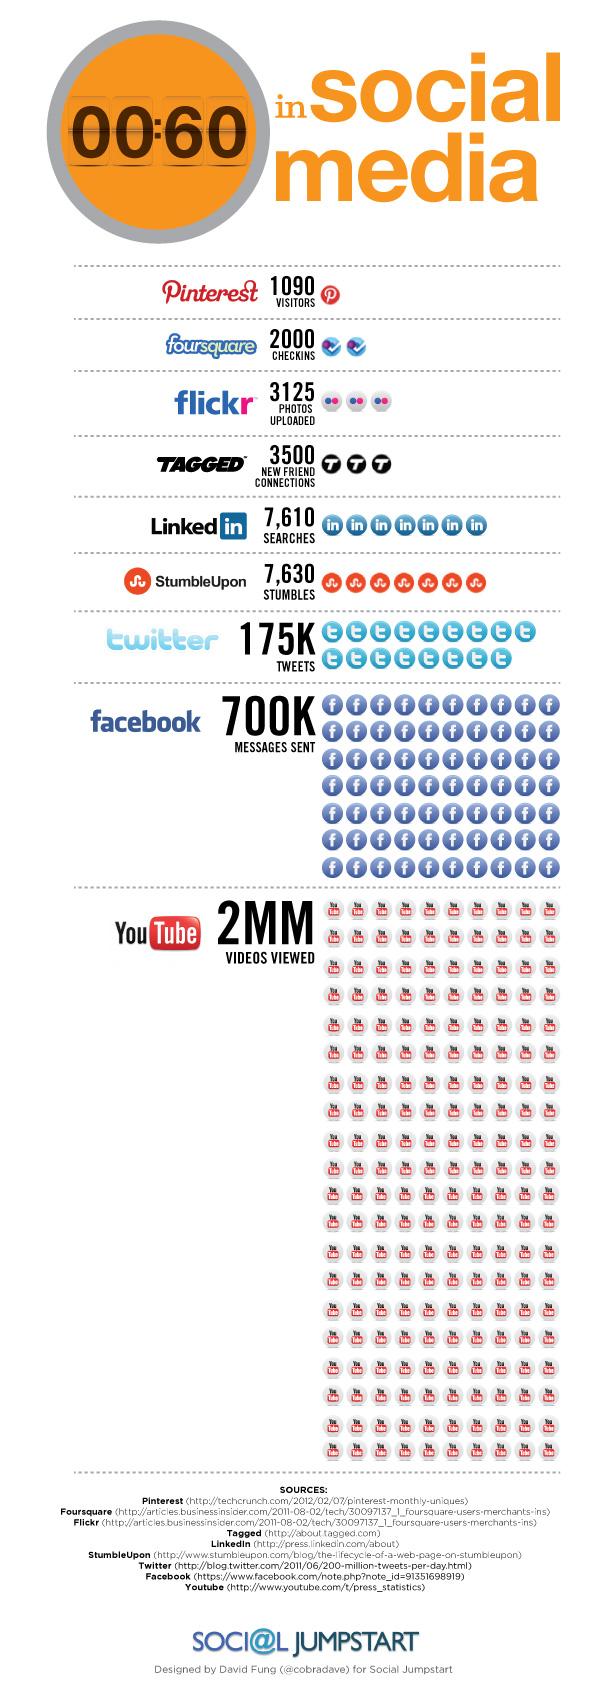 60 секунд в соціальних мережах (інфографіка)